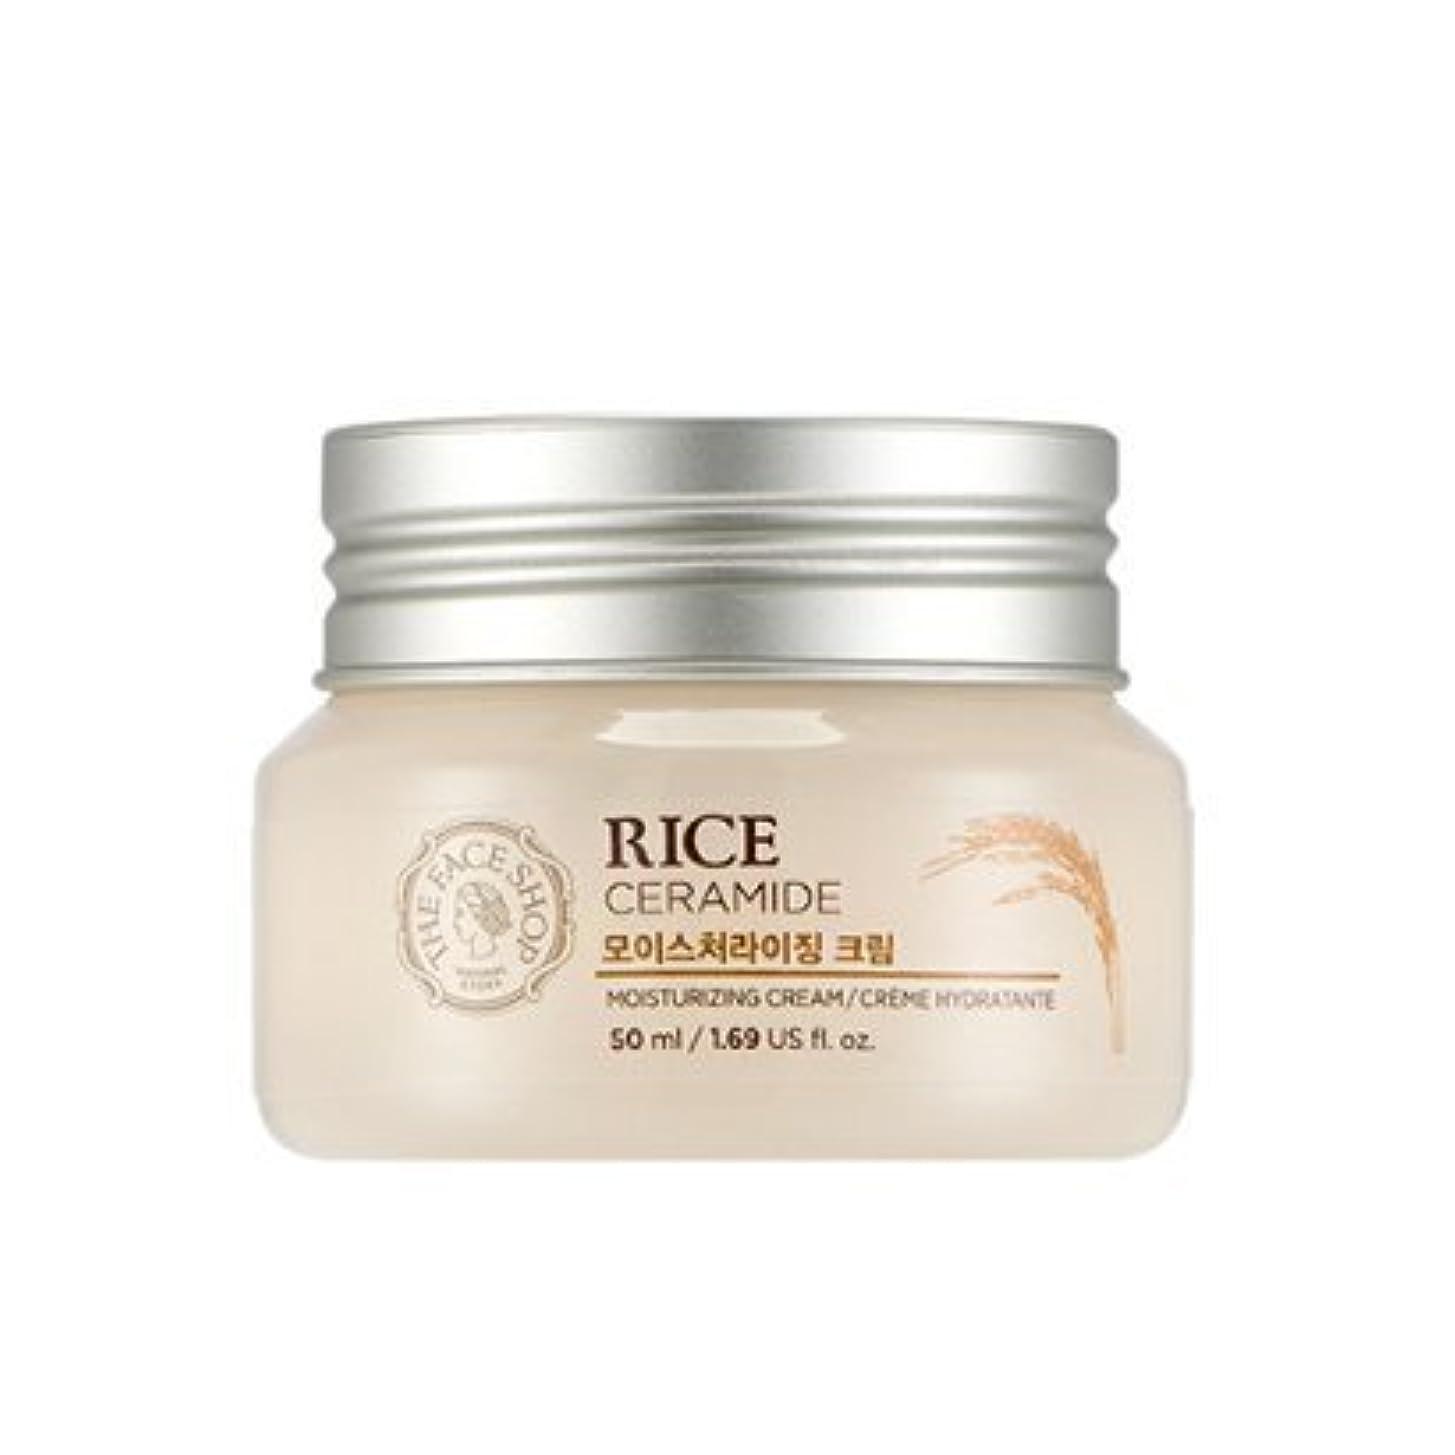 つぼみ領域キャプションTHE FACE SHOP Rice & Ceramide Moisturizing Cream ザフェイスショップ ライス&セラミドモイスチャーライジングクリーム [並行輸入品]